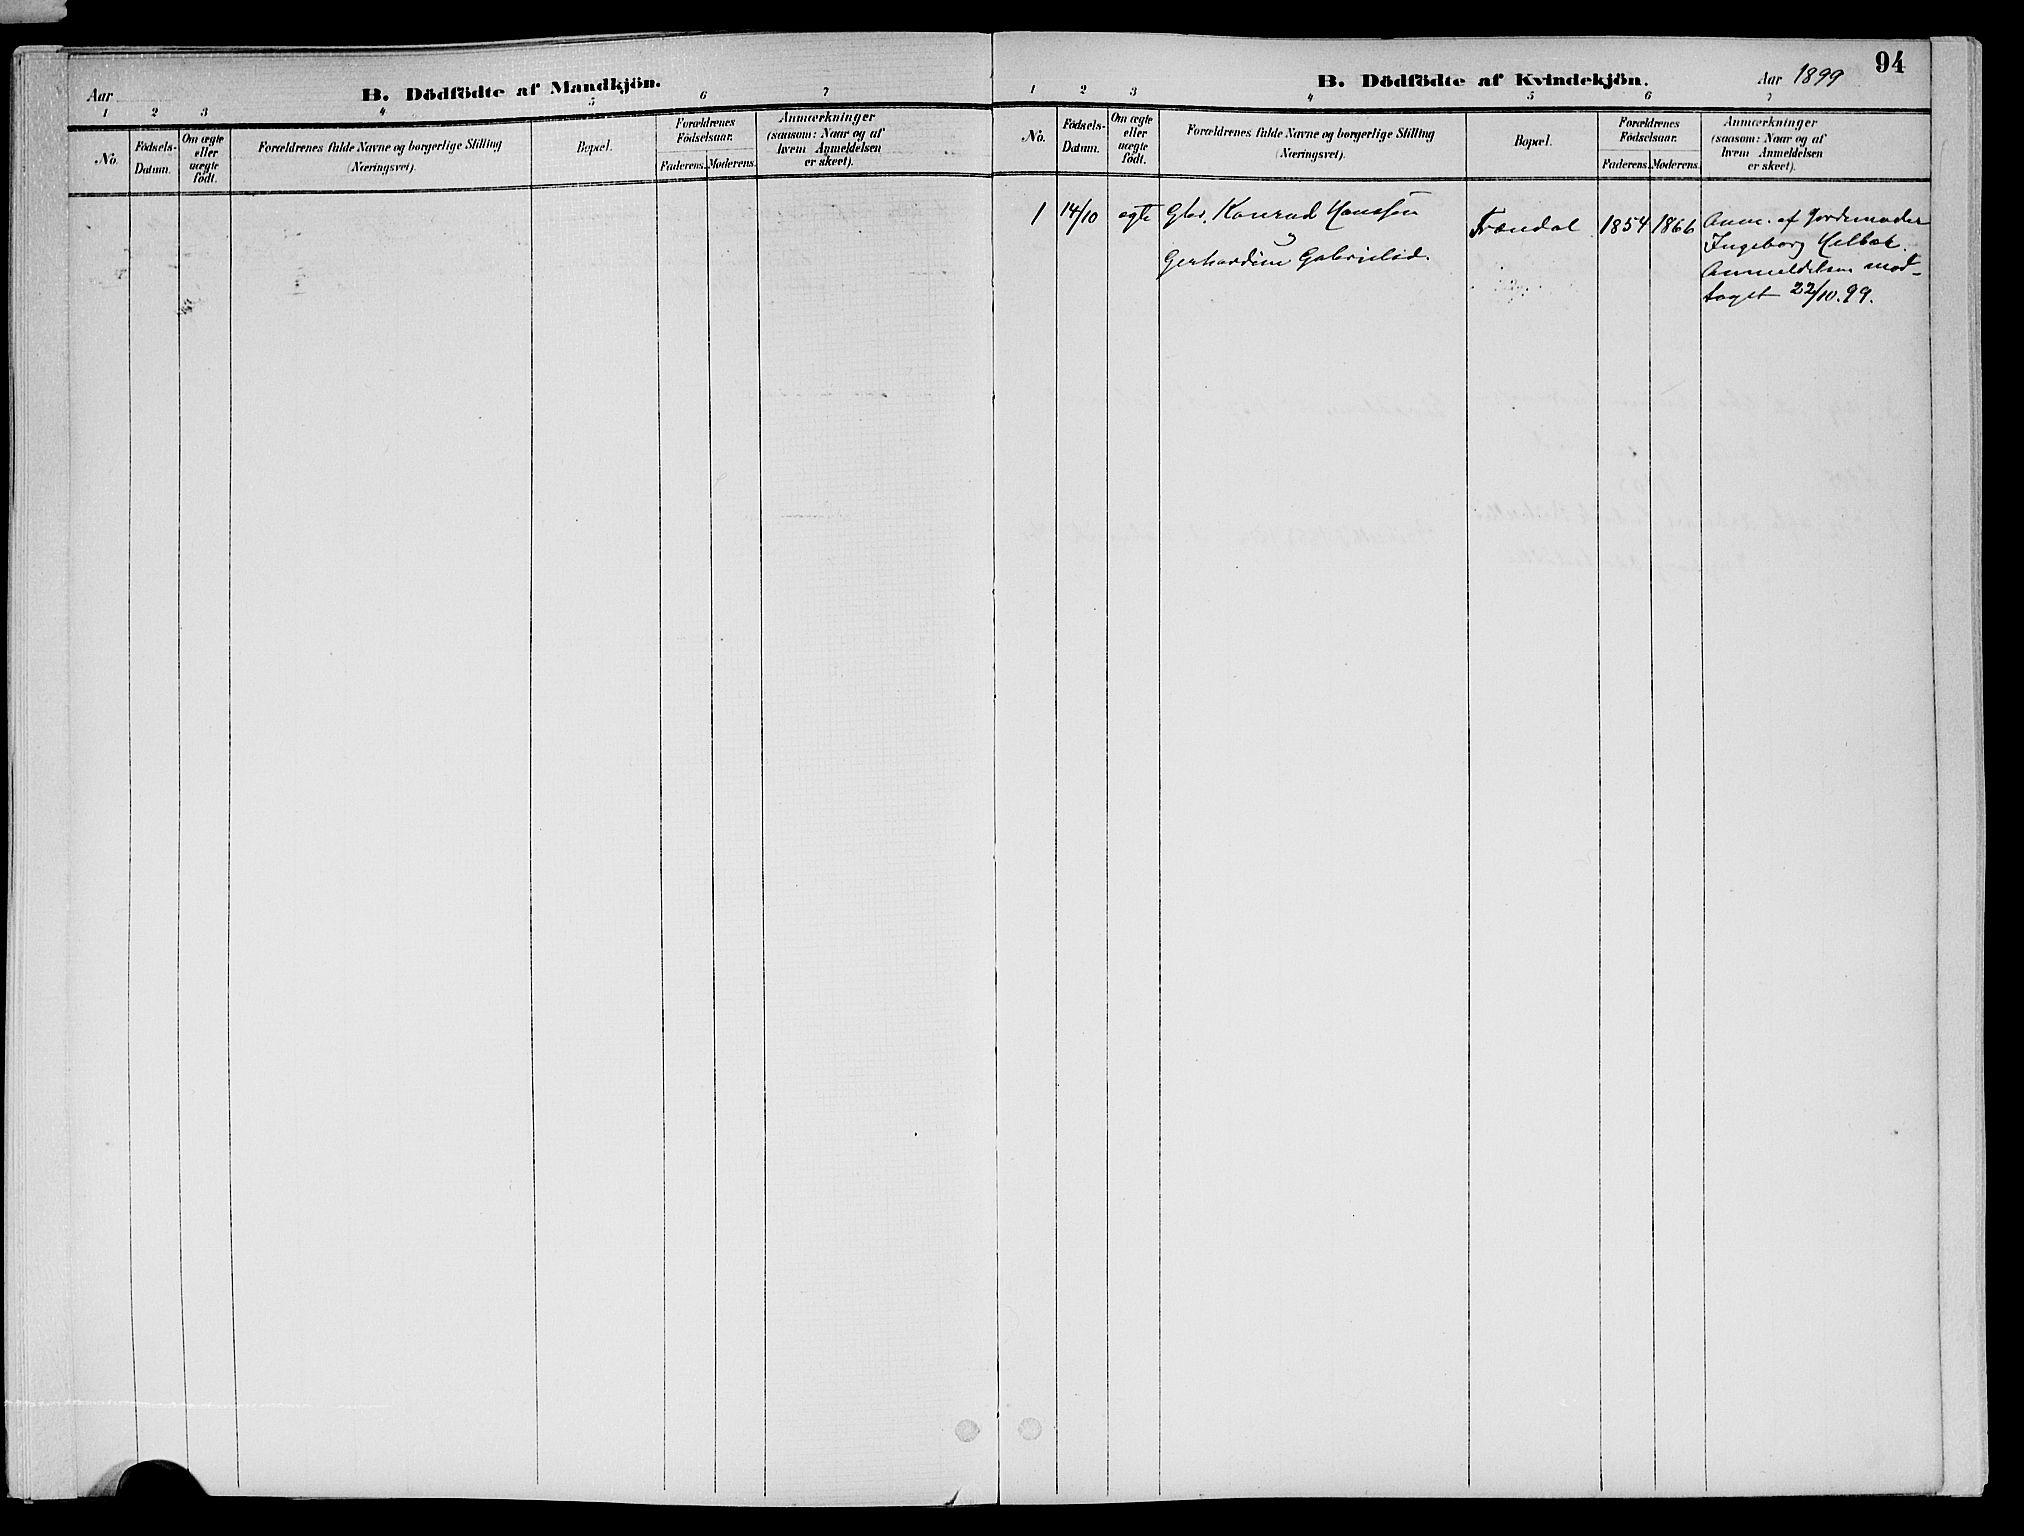 SAT, Ministerialprotokoller, klokkerbøker og fødselsregistre - Nord-Trøndelag, 773/L0617: Ministerialbok nr. 773A08, 1887-1910, s. 94